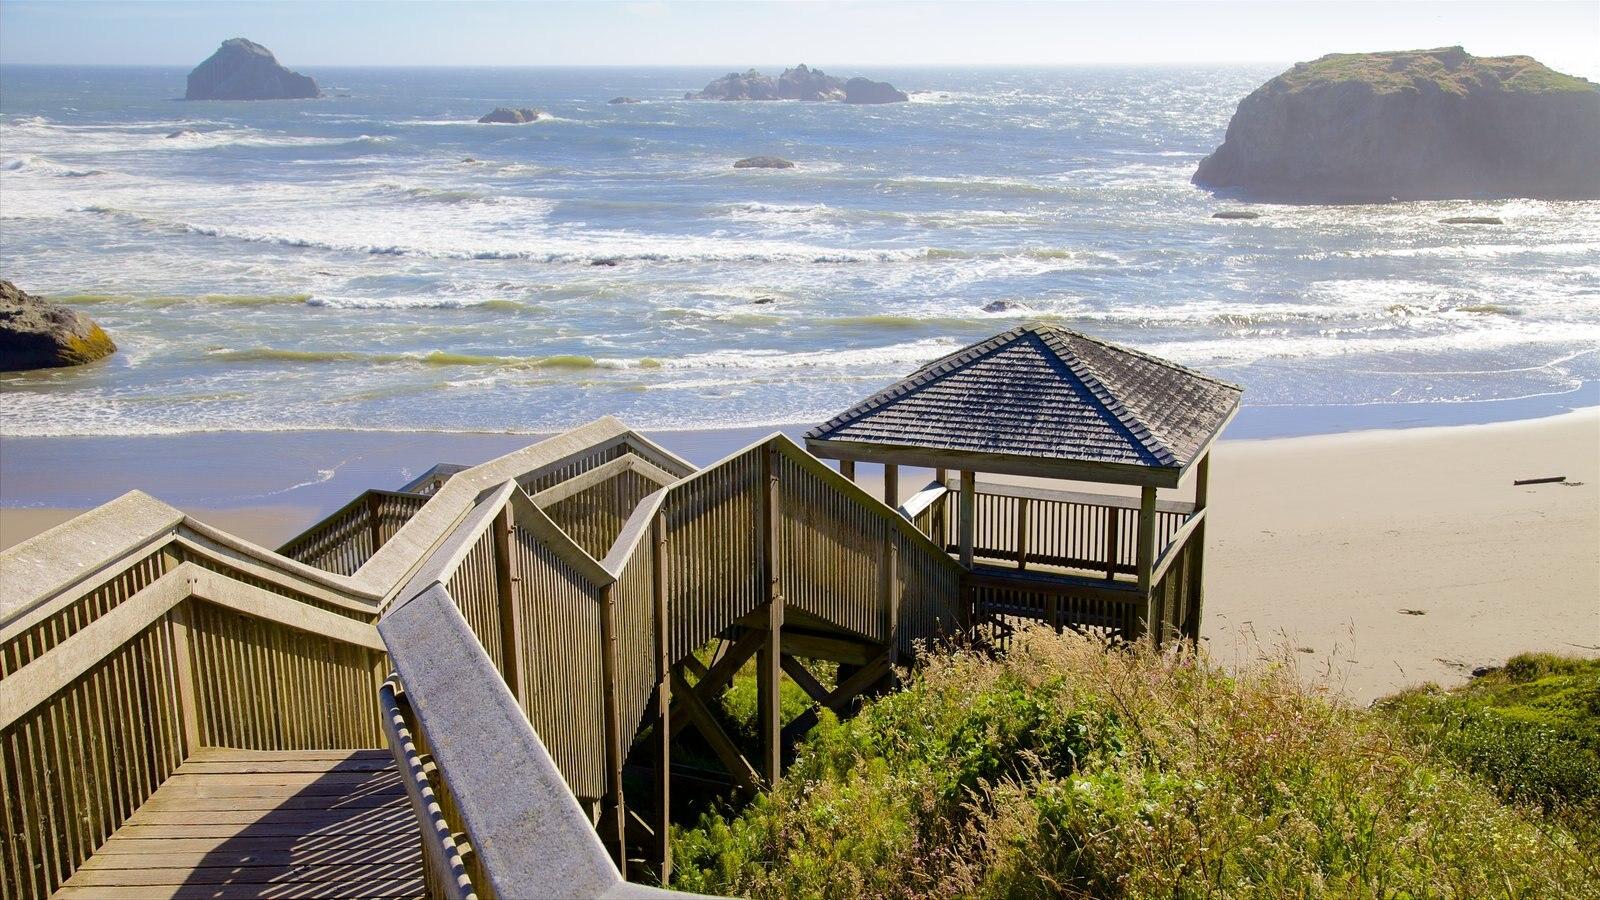 Bandon Beach caracterizando uma praia, paisagens da ilha e uma ponte